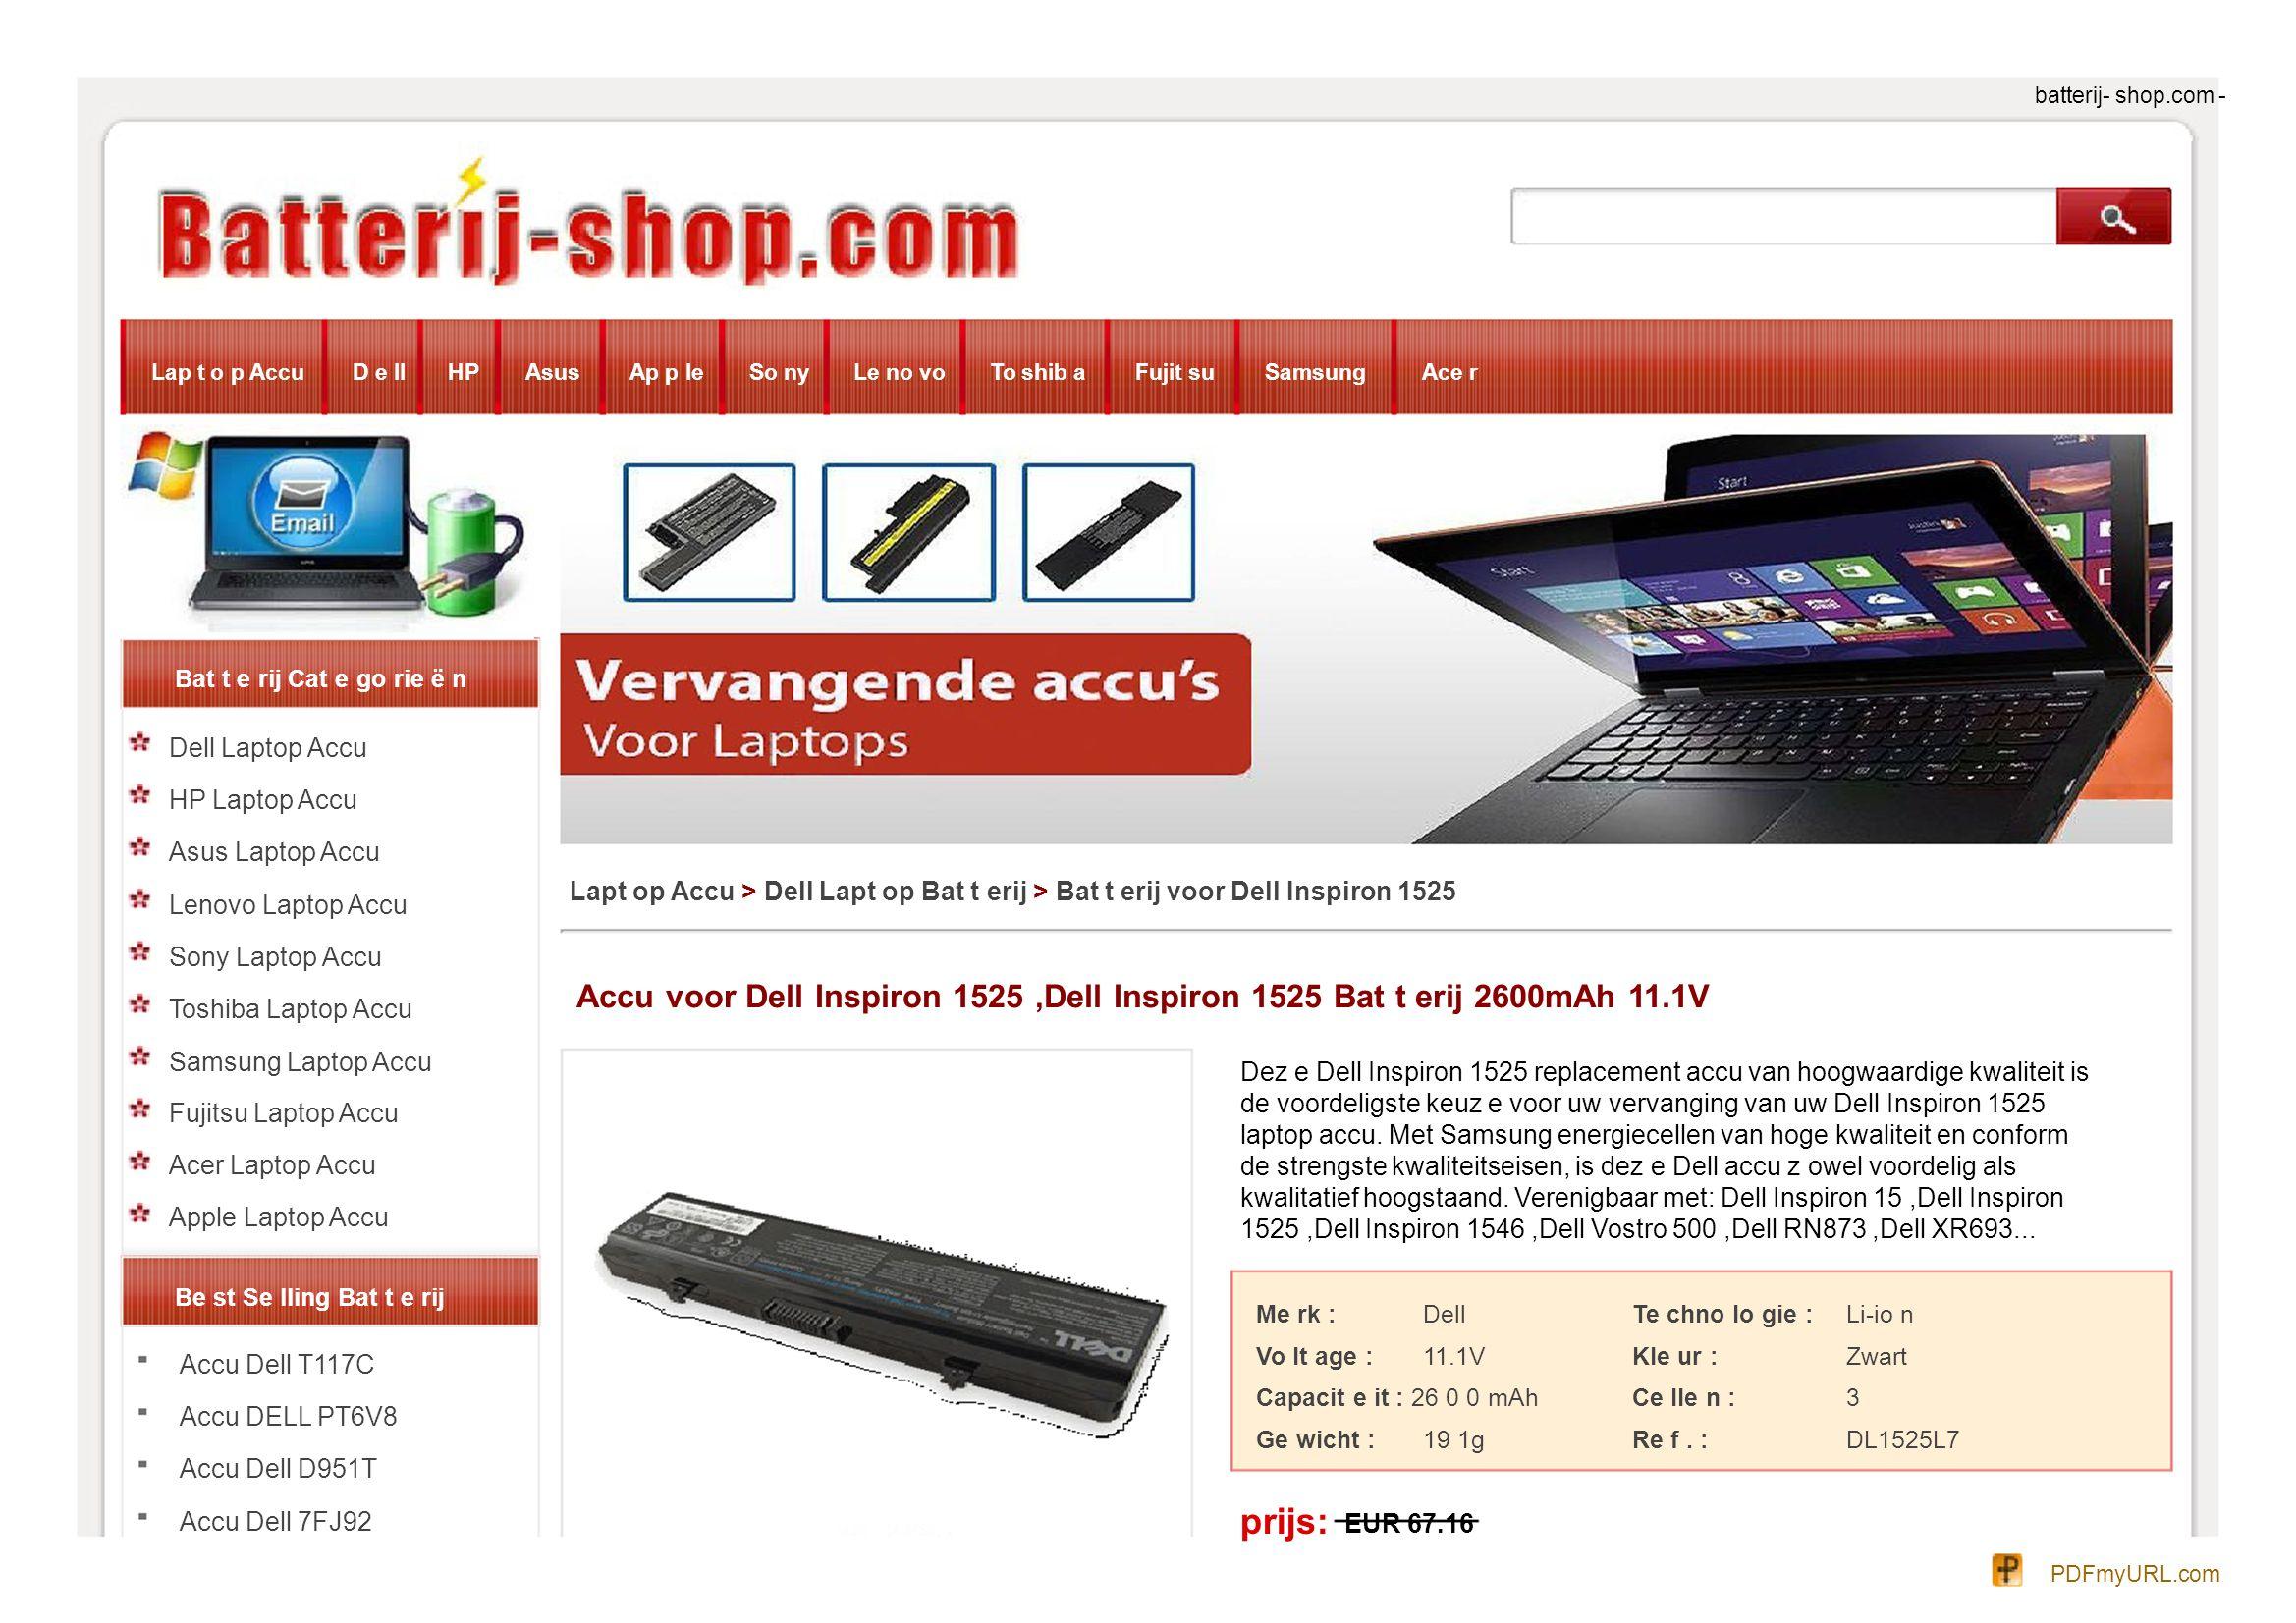 batterij- shop.com - Lap t o p AccuD e llHPAsusAp p leSo nyLe no voTo shib aFujit suSamsungAce r Bat t e rij Cat e go rie ë n Dell Laptop Accu HP Lapt